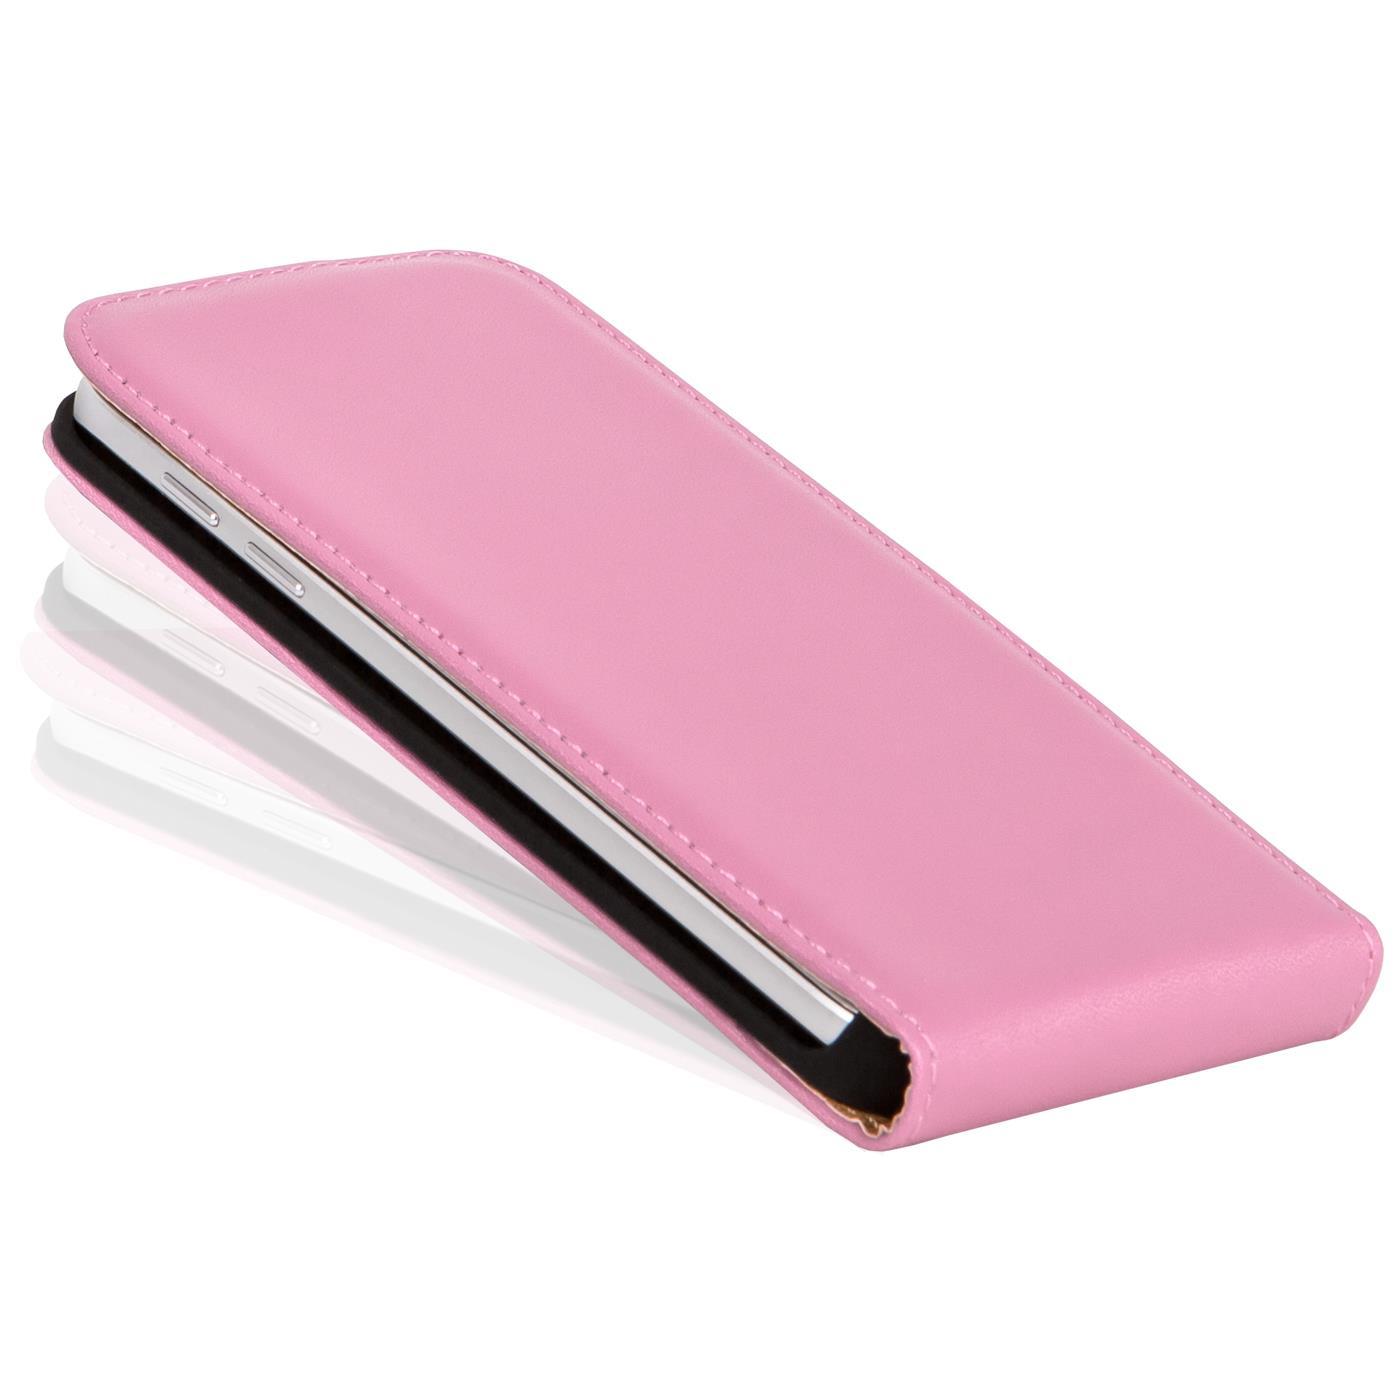 Klapphuelle-Samsung-Galaxy-Flip-Case-Tasche-Schutzhuelle-Cover-Schutz-Handy-Huelle Indexbild 63